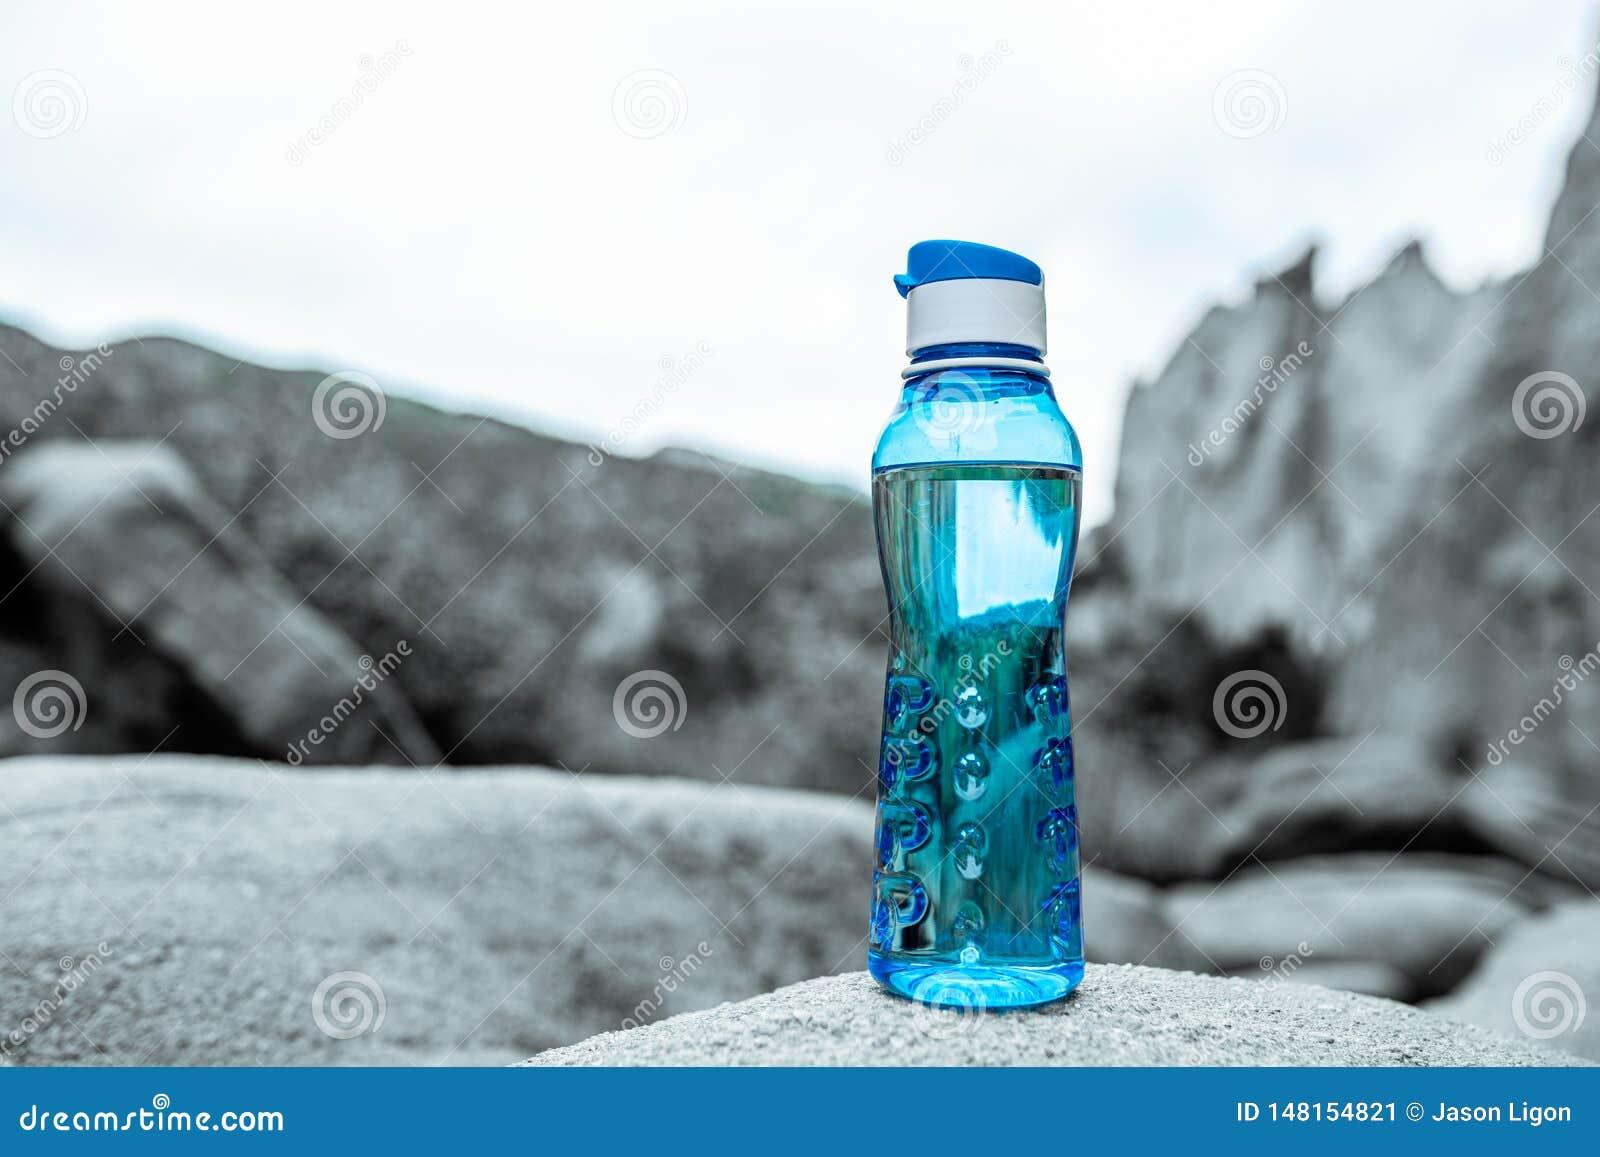 Μπλε μπουκάλι νερό ικανότητας Aqua με τα βουνά στο υπόβαθρο